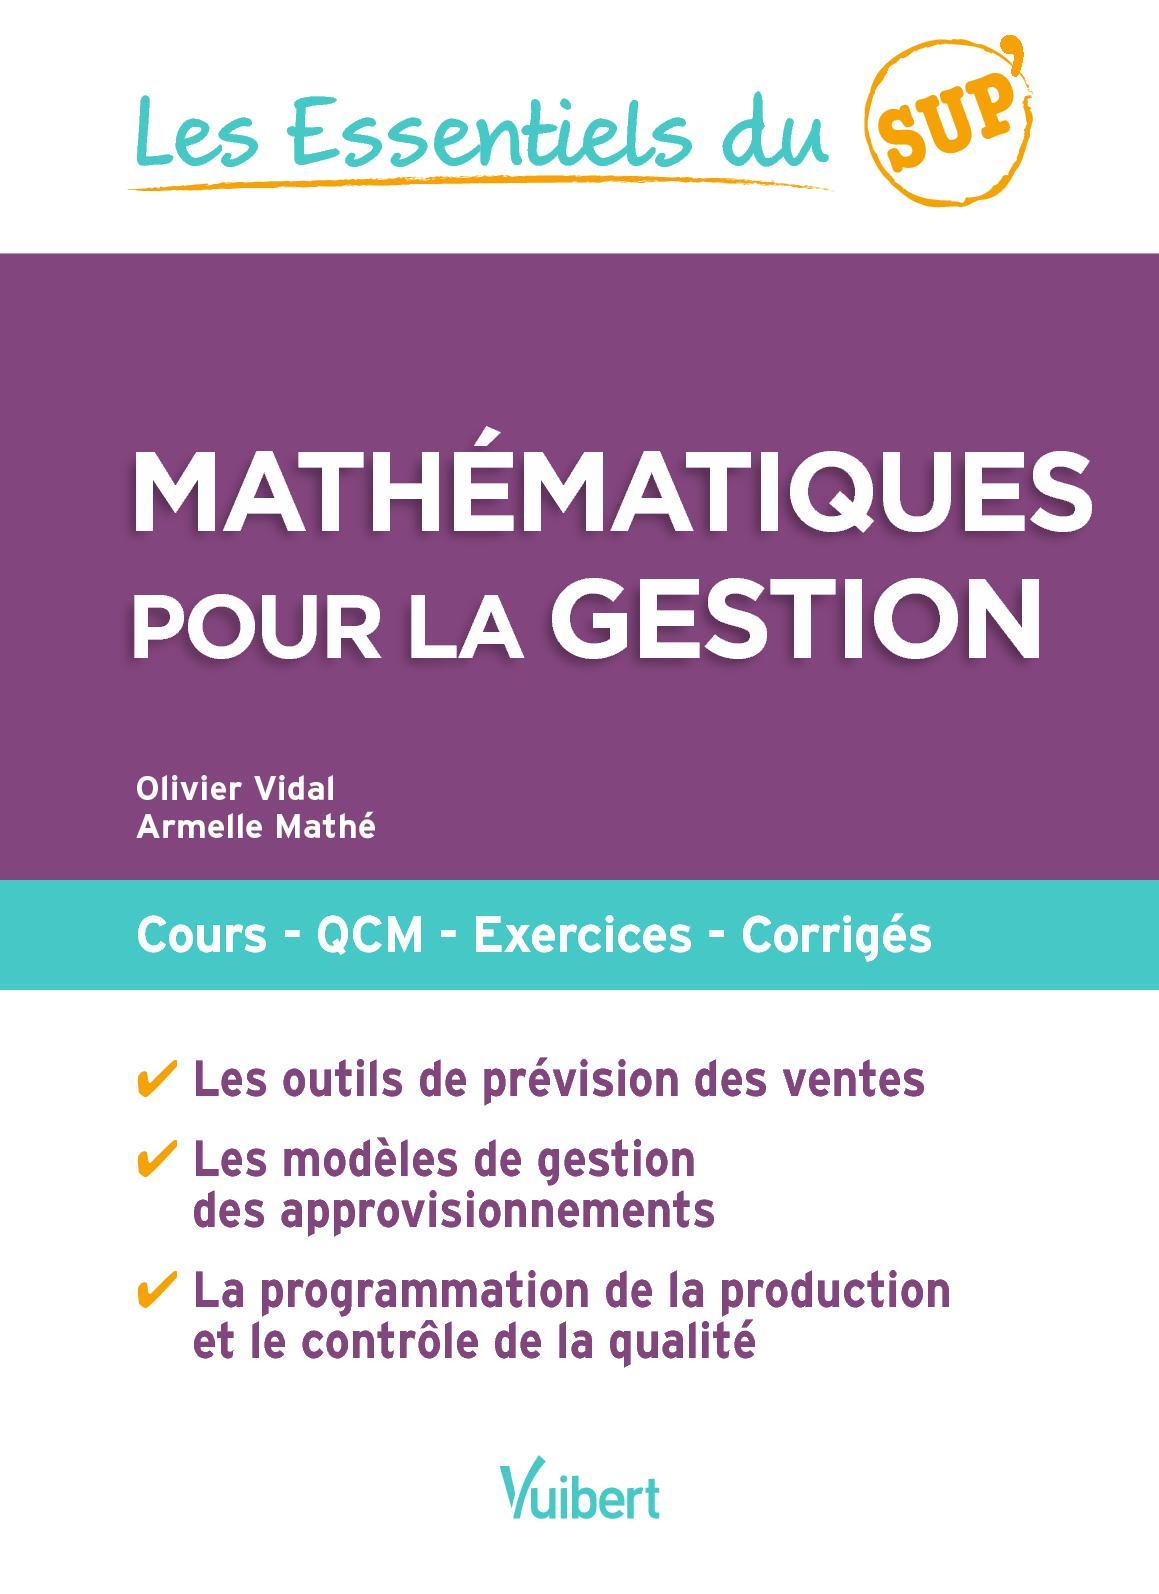 Mathématiques pour la gestion